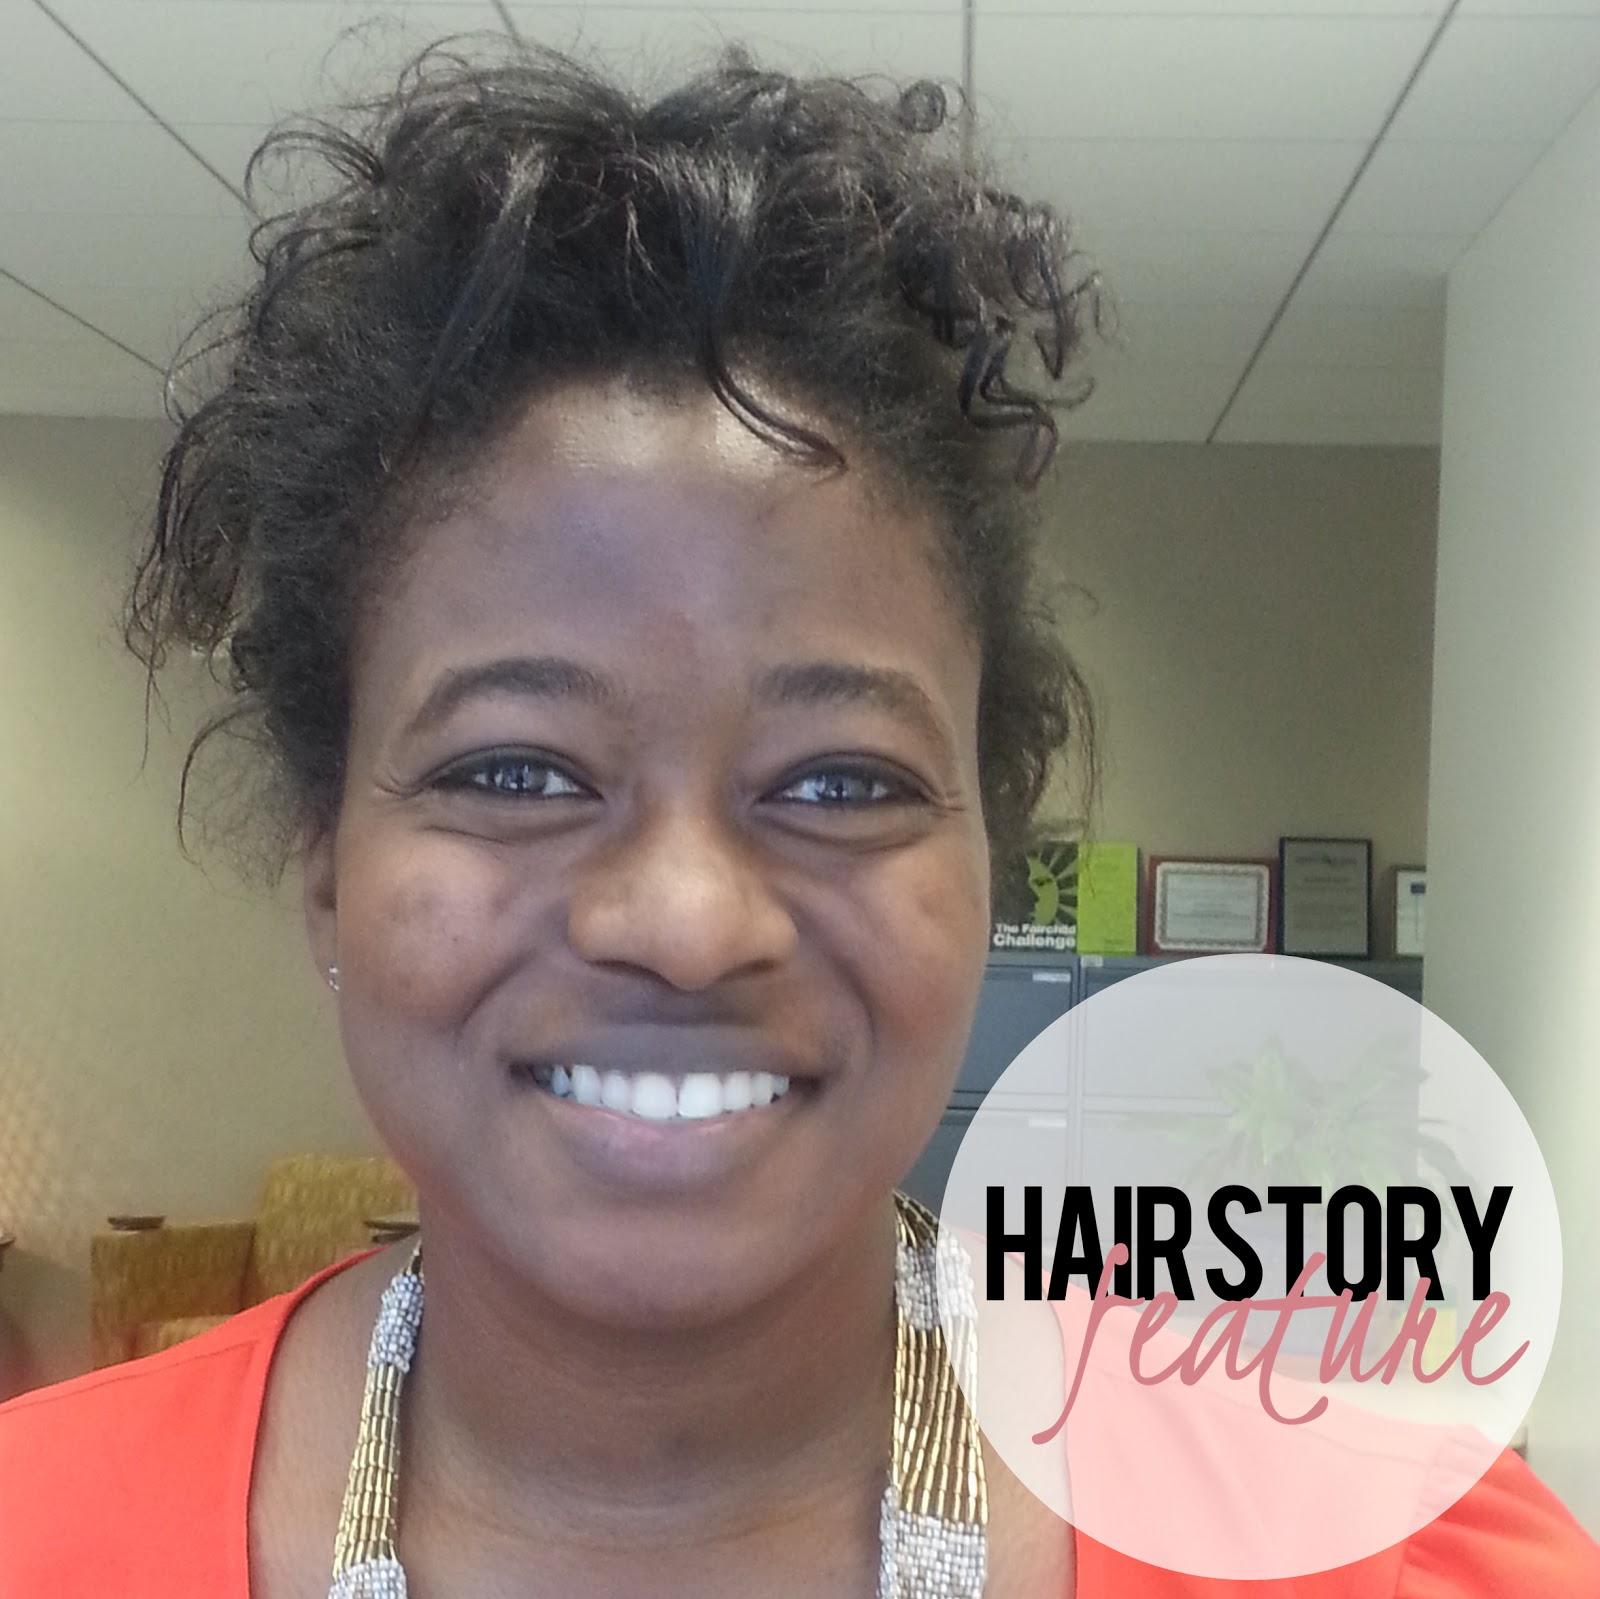 Hair Story Feature: Meet Hillary – Just Grow Already!